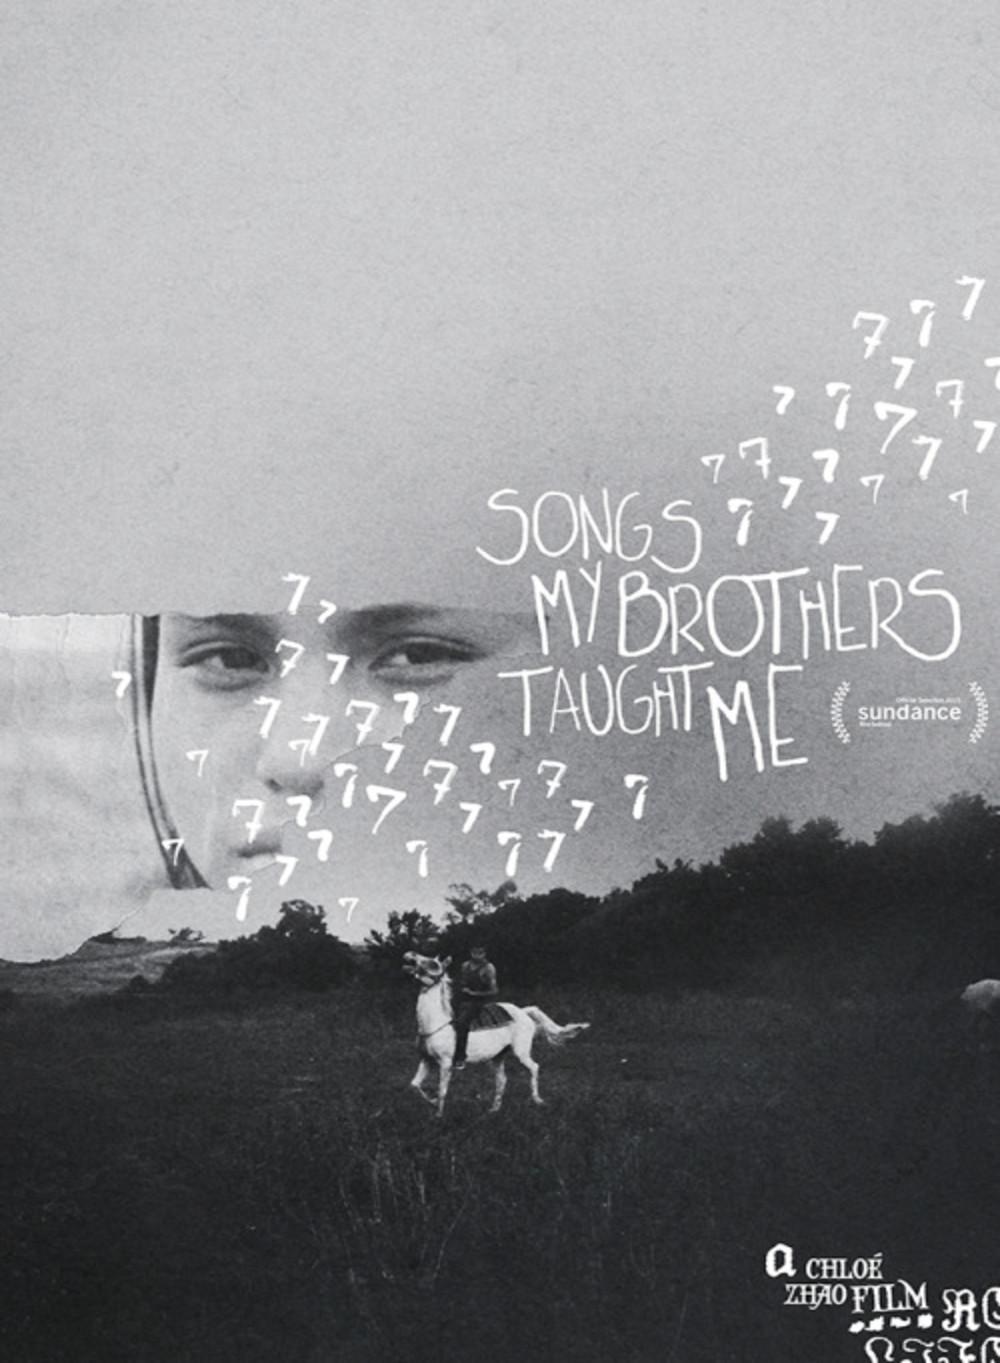 Les_chansons_que_mes_freres_m_ont_apprises-1.jpg